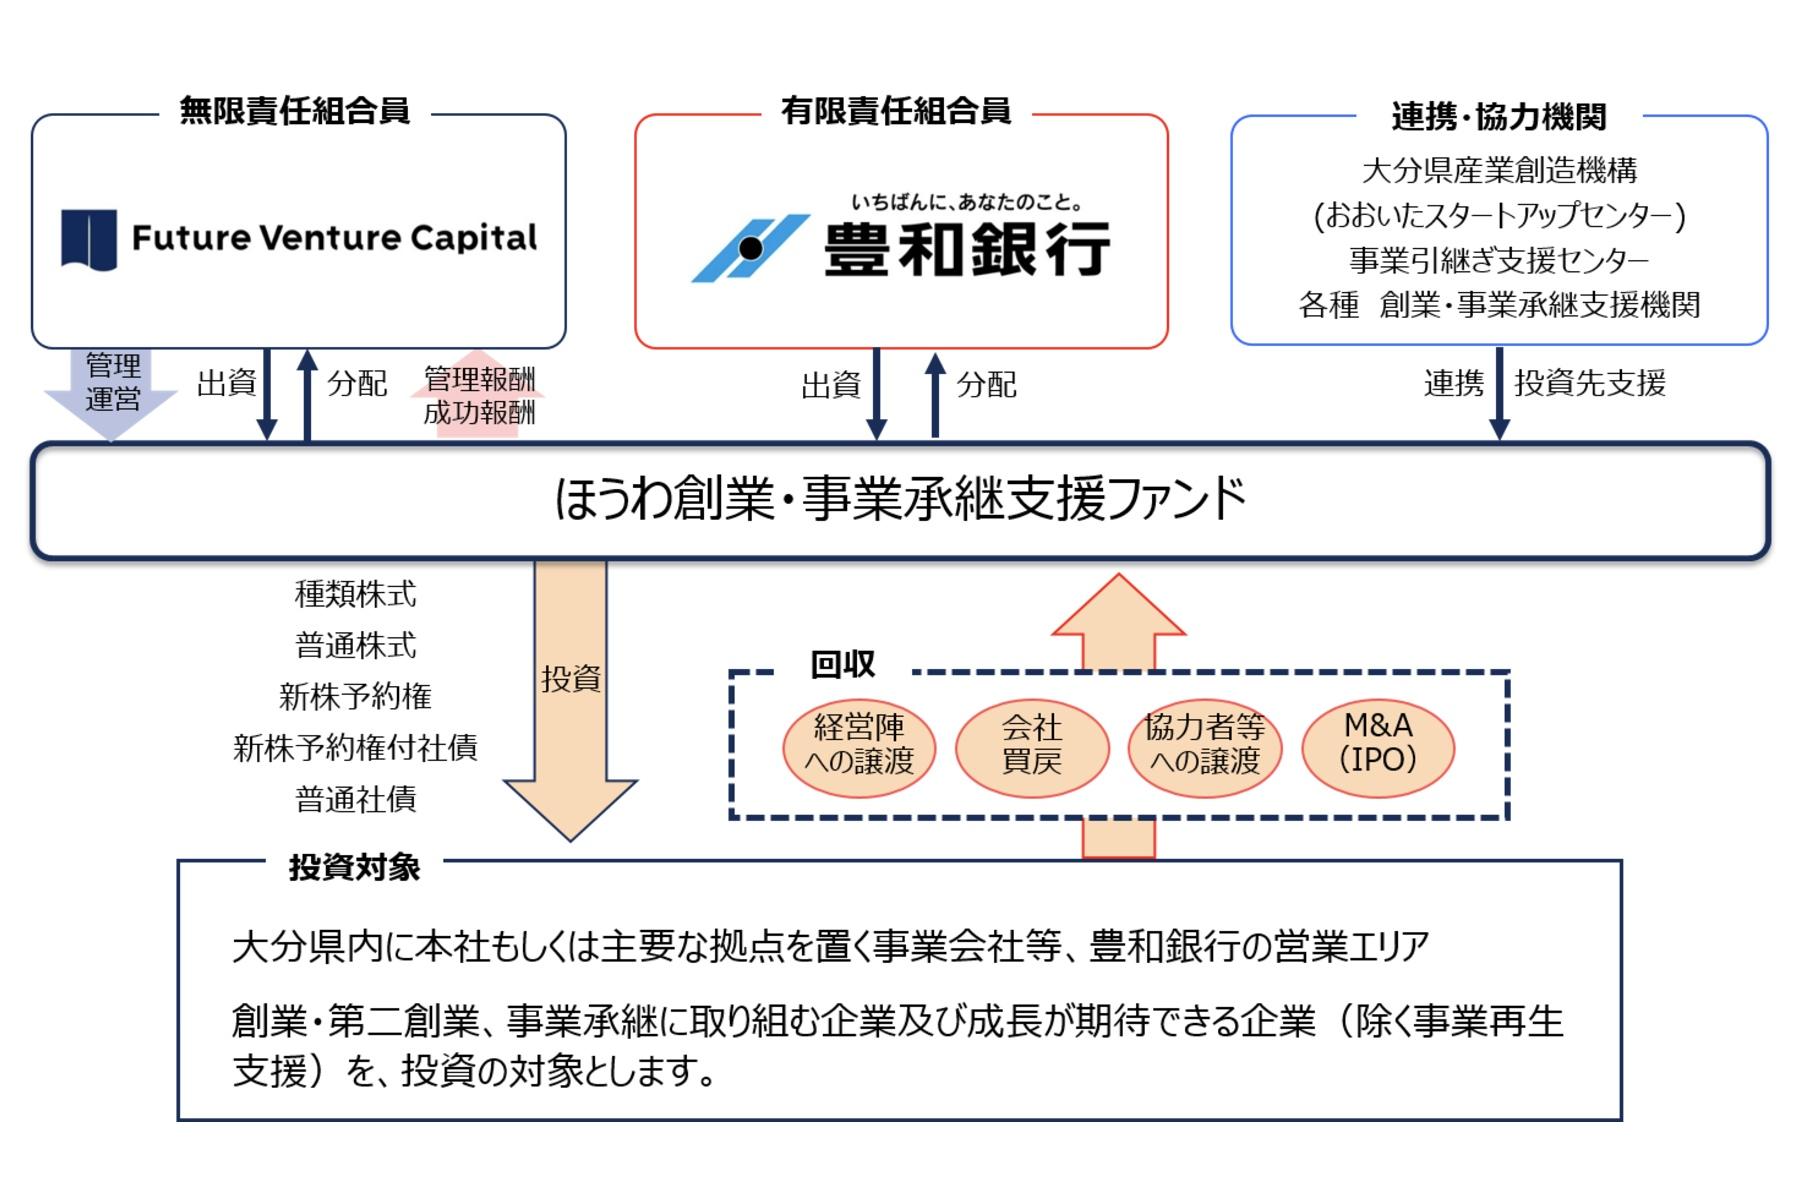 フューチャーベンチャーキャピタル×豊和銀行 | 「ほうわ創業・事業承継支援ファンド」を設立